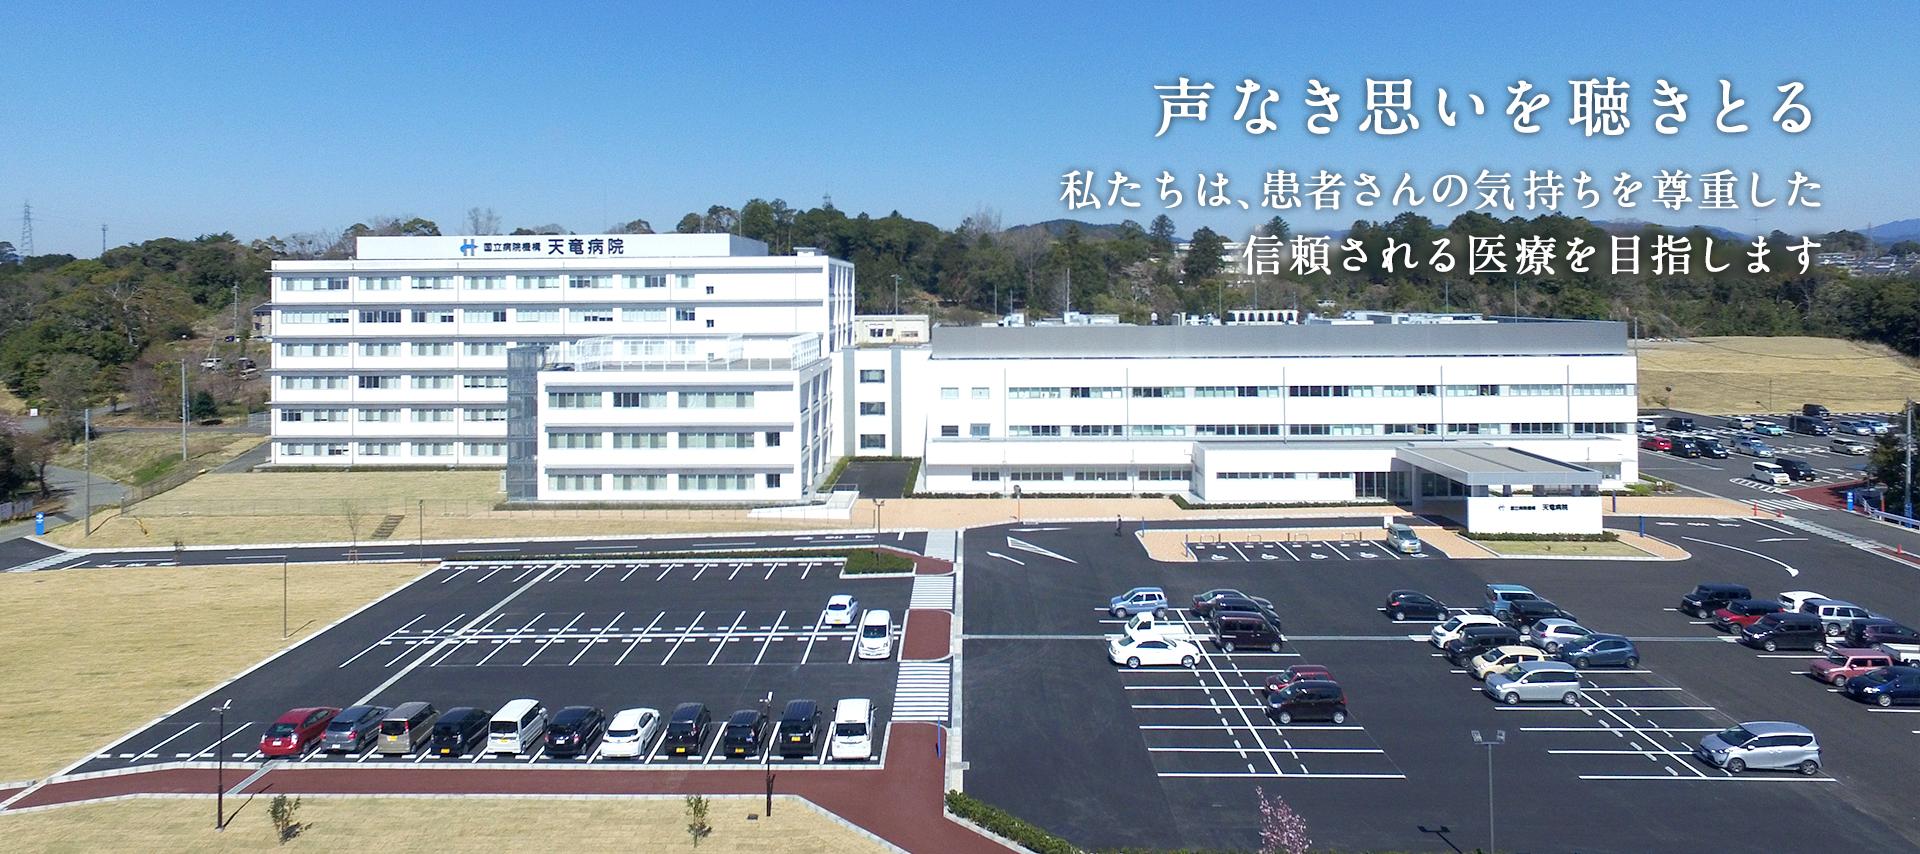 【リハビリ職/浜松市浜北区】 病院・クリニック  天竜病院 (正社員)の画像1